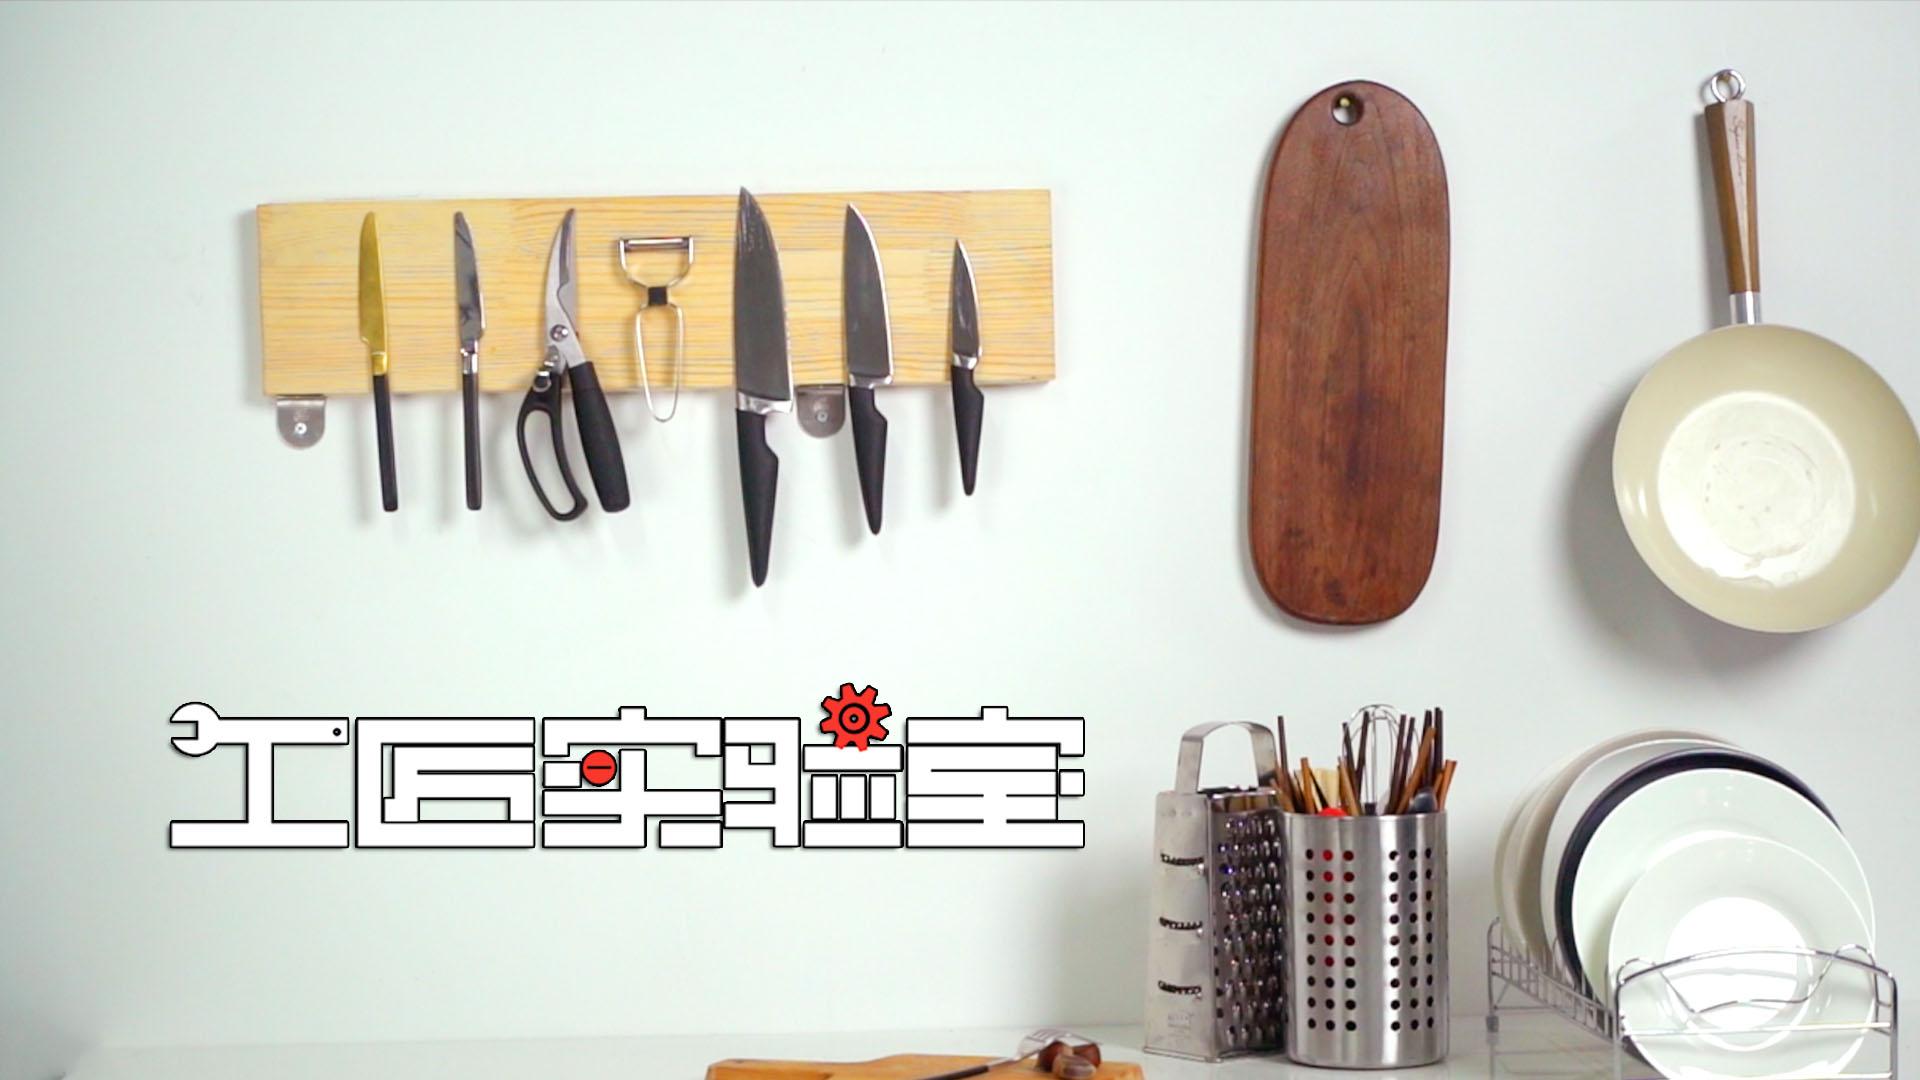 刀架见过多的,这么酷炫的刀板第一次见!